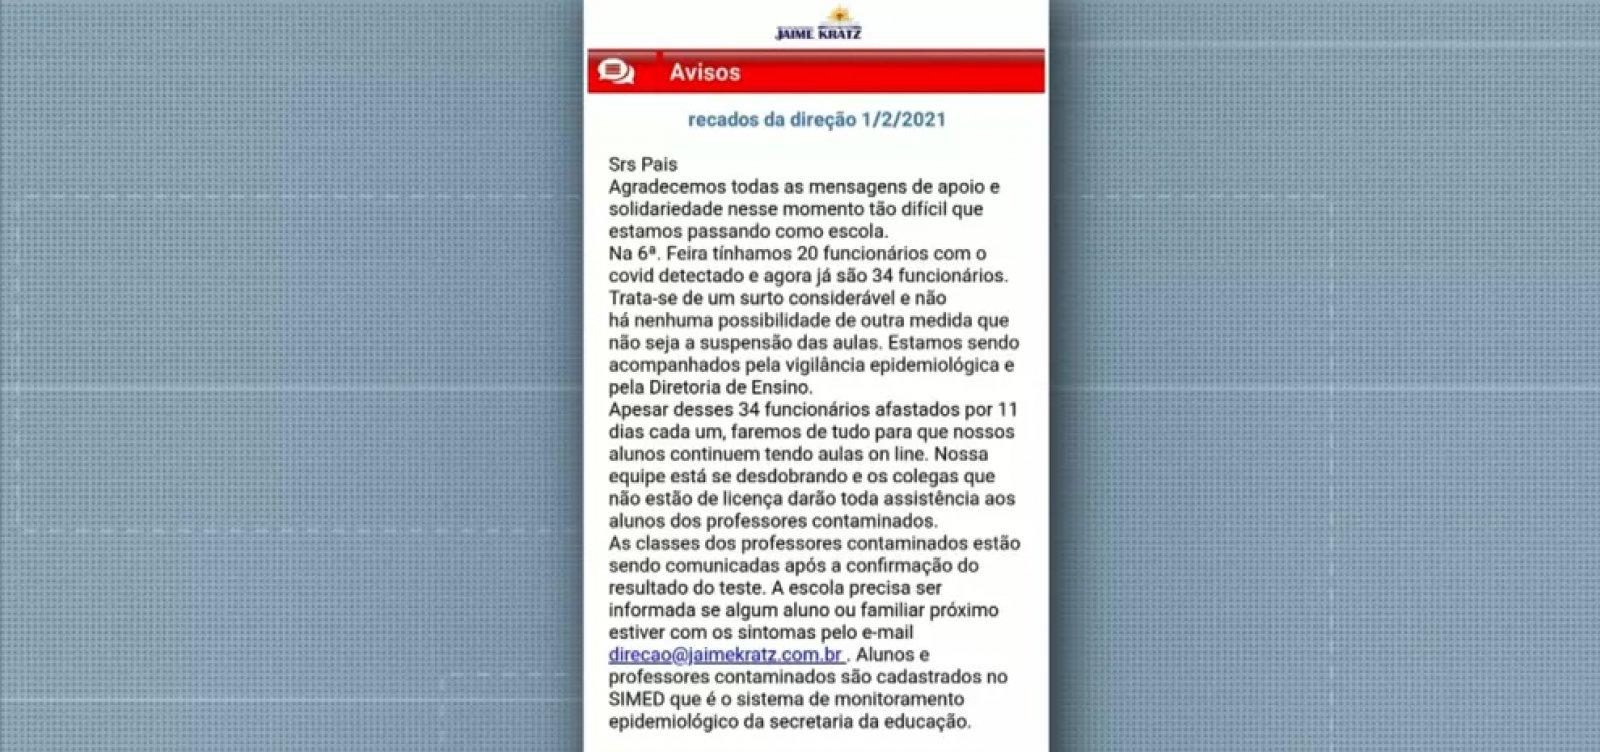 Após surto de coronavírus, escola particular de Campinas suspende aulas presenciais